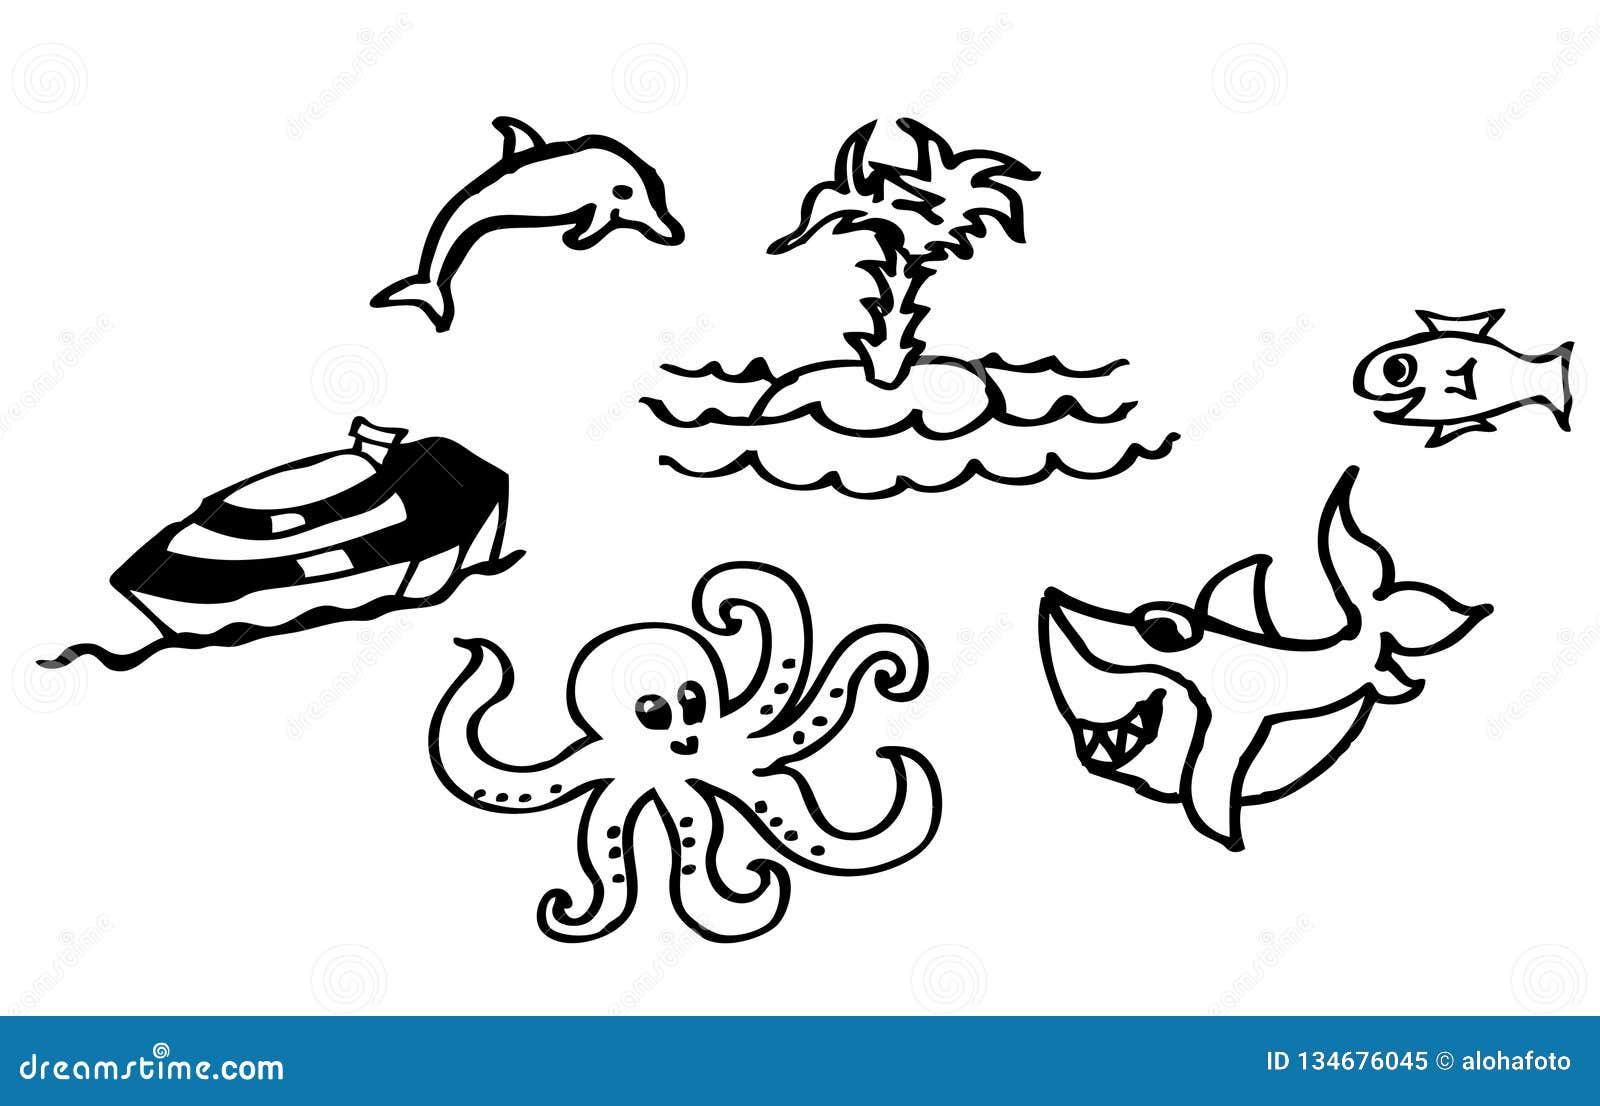 Libro De Colorear Dibujos Sobre La Playa Y El Mar Con Un Tiburón Y